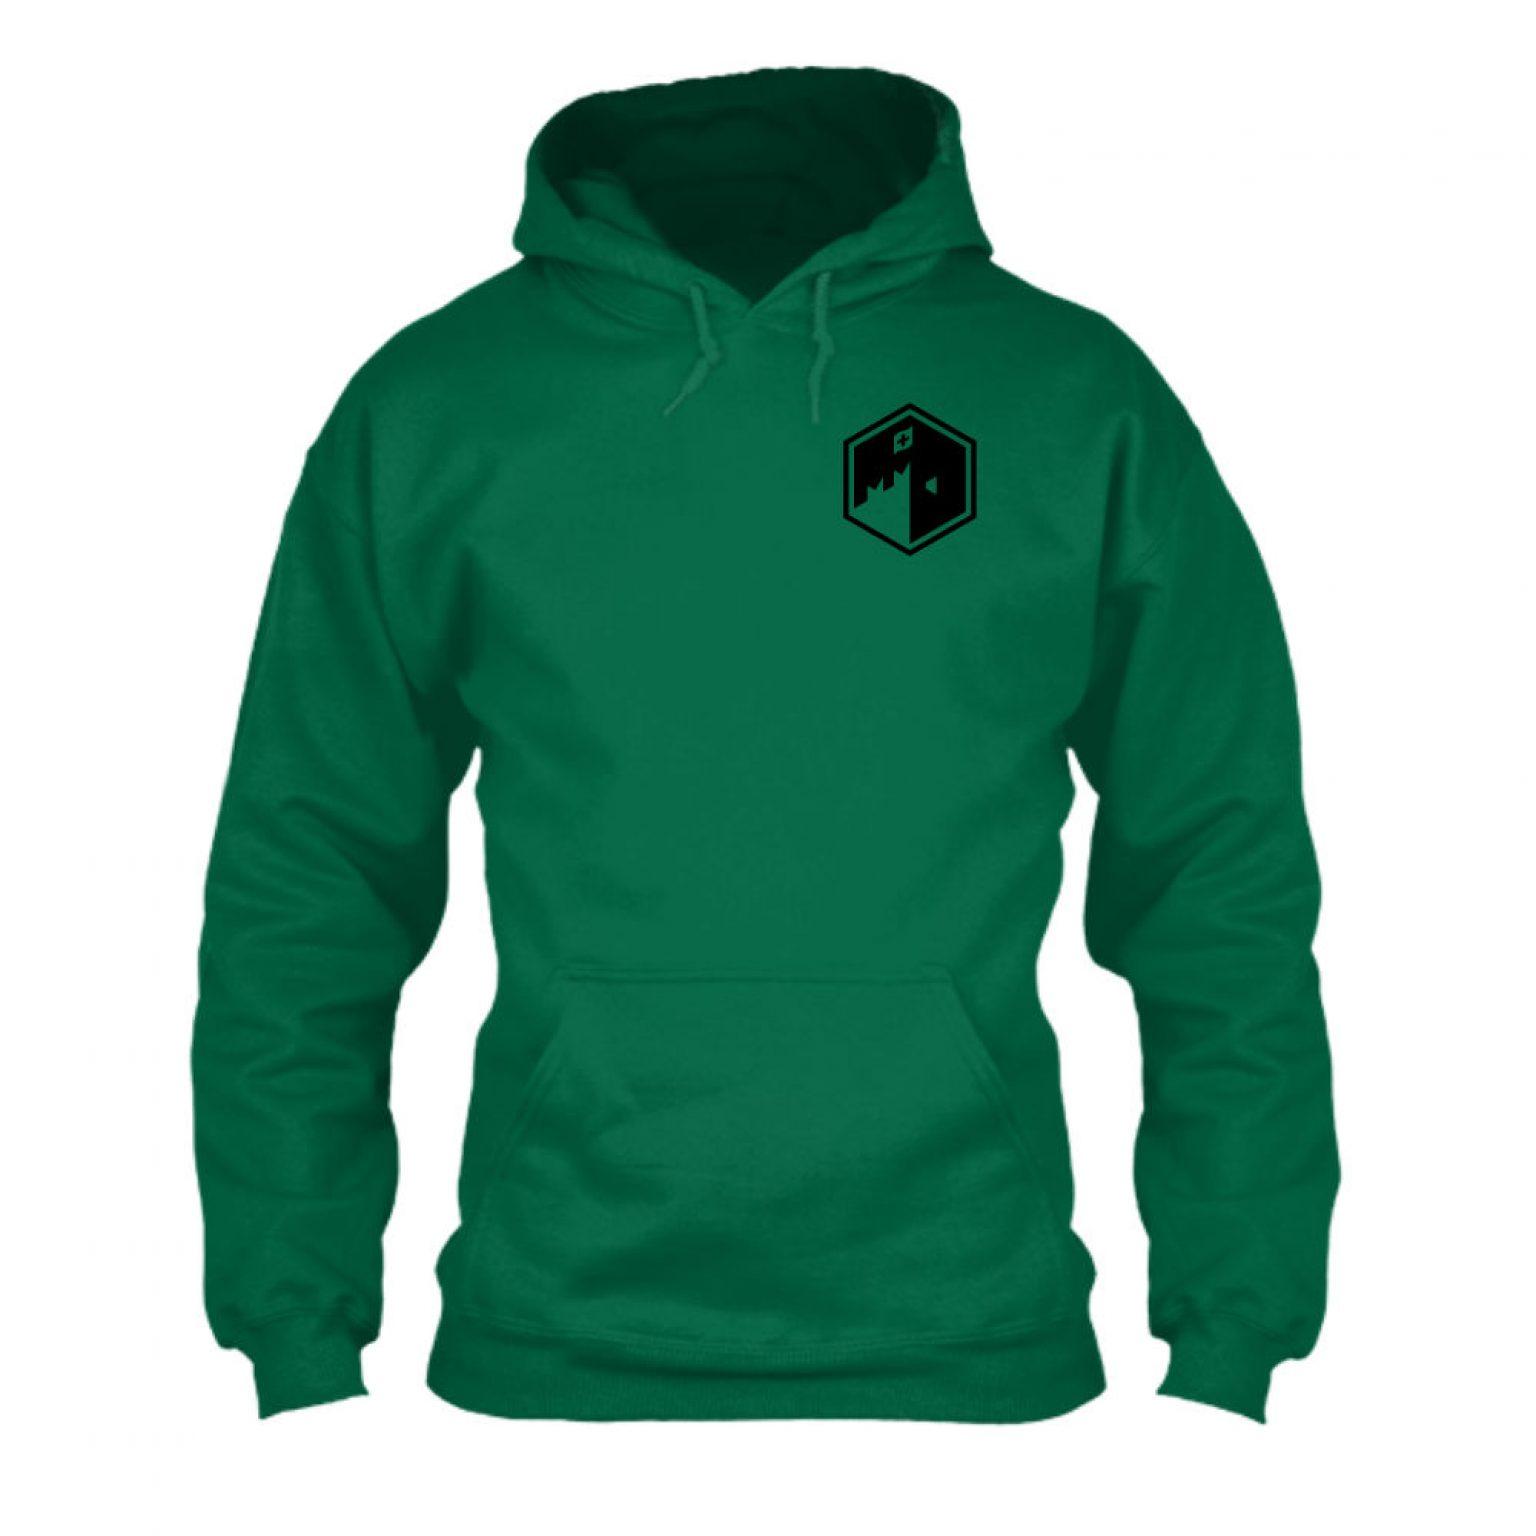 CFB hoodie herren green front